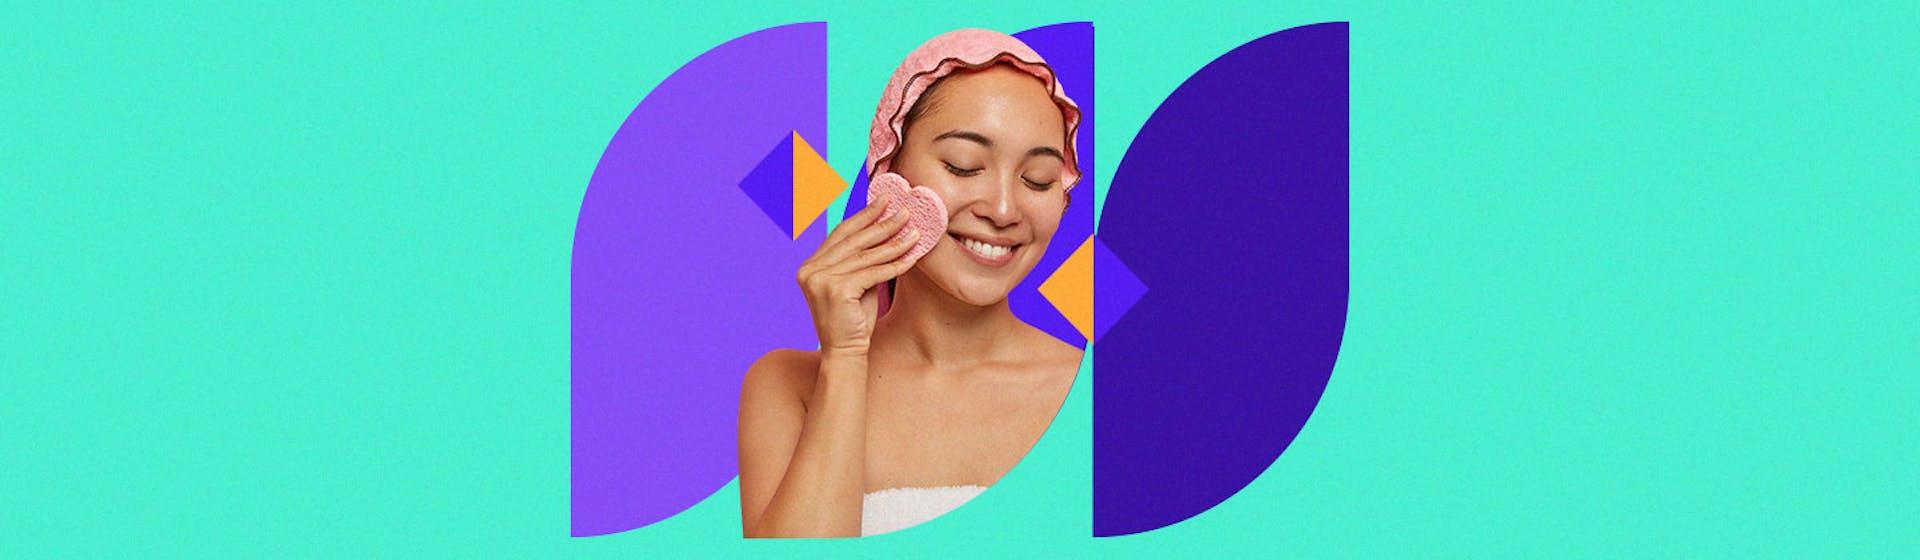 Cuidados de la piel: la guía definitiva para tener una piel radiante y cautivadora